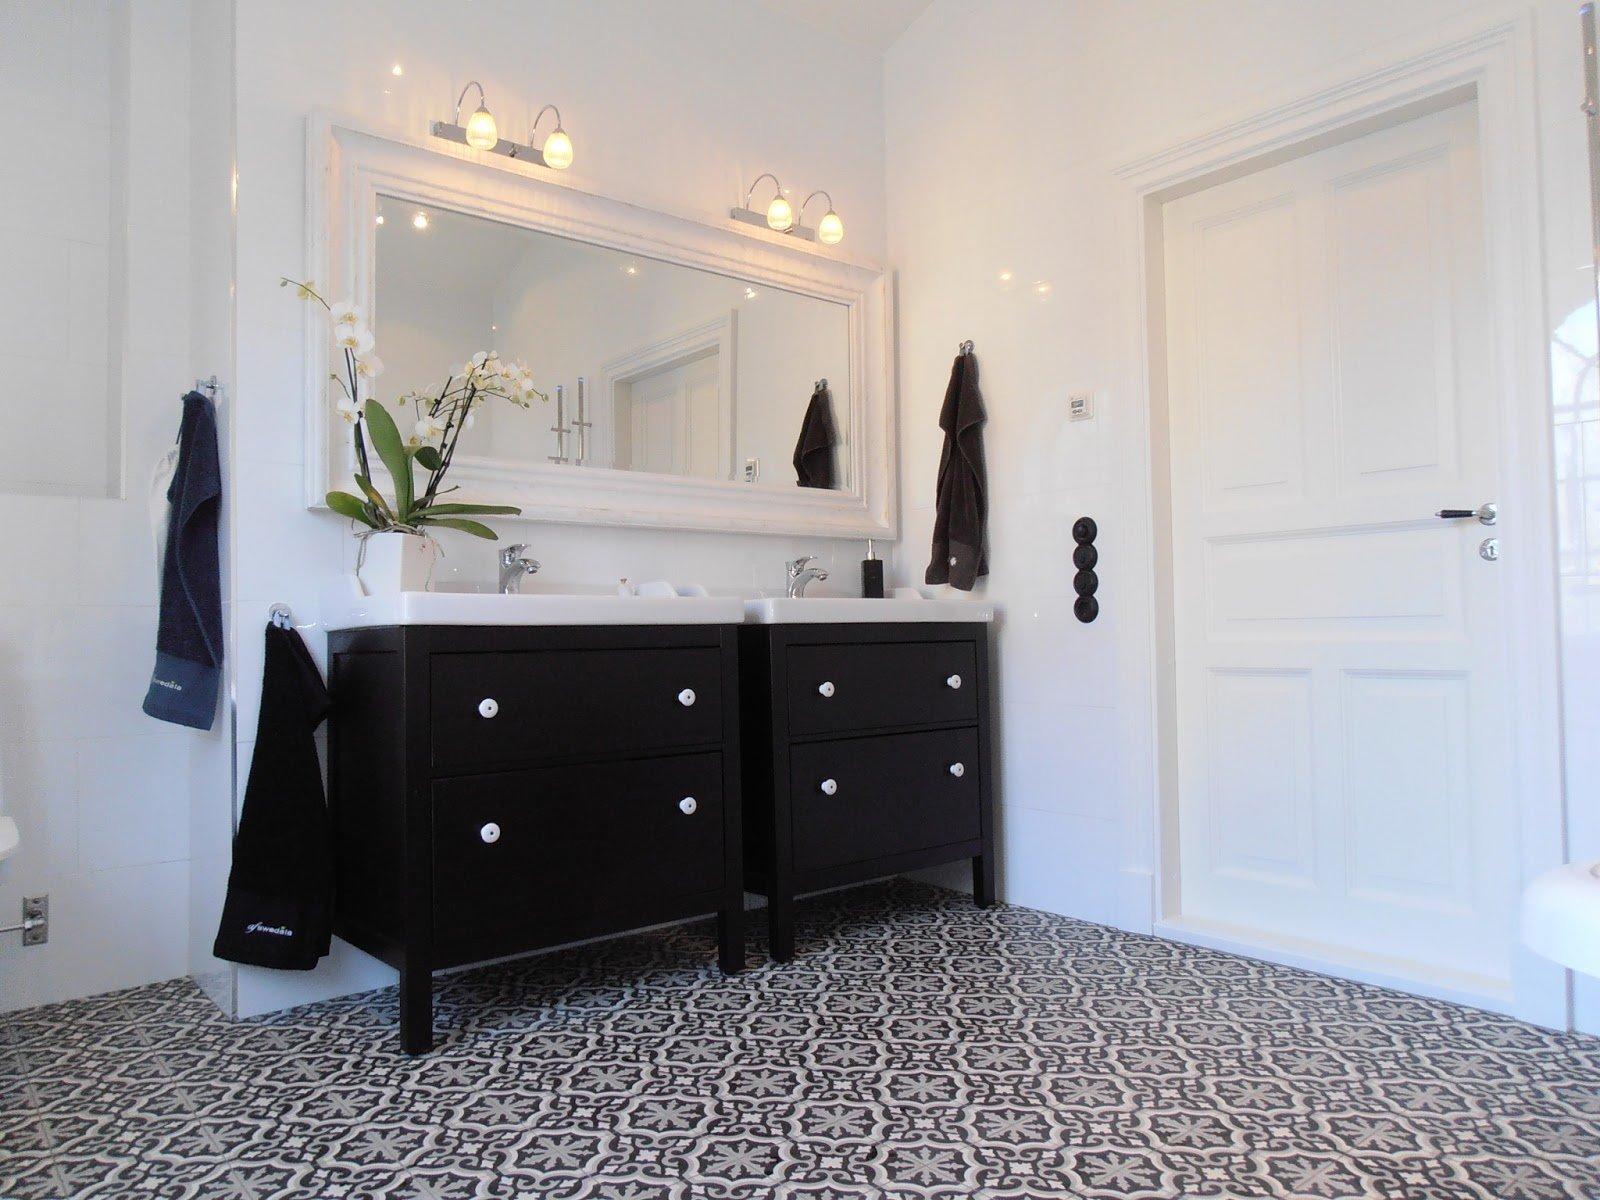 Luxus marokkanischen Fliesen und einem weißen HEMNES Badezimmer